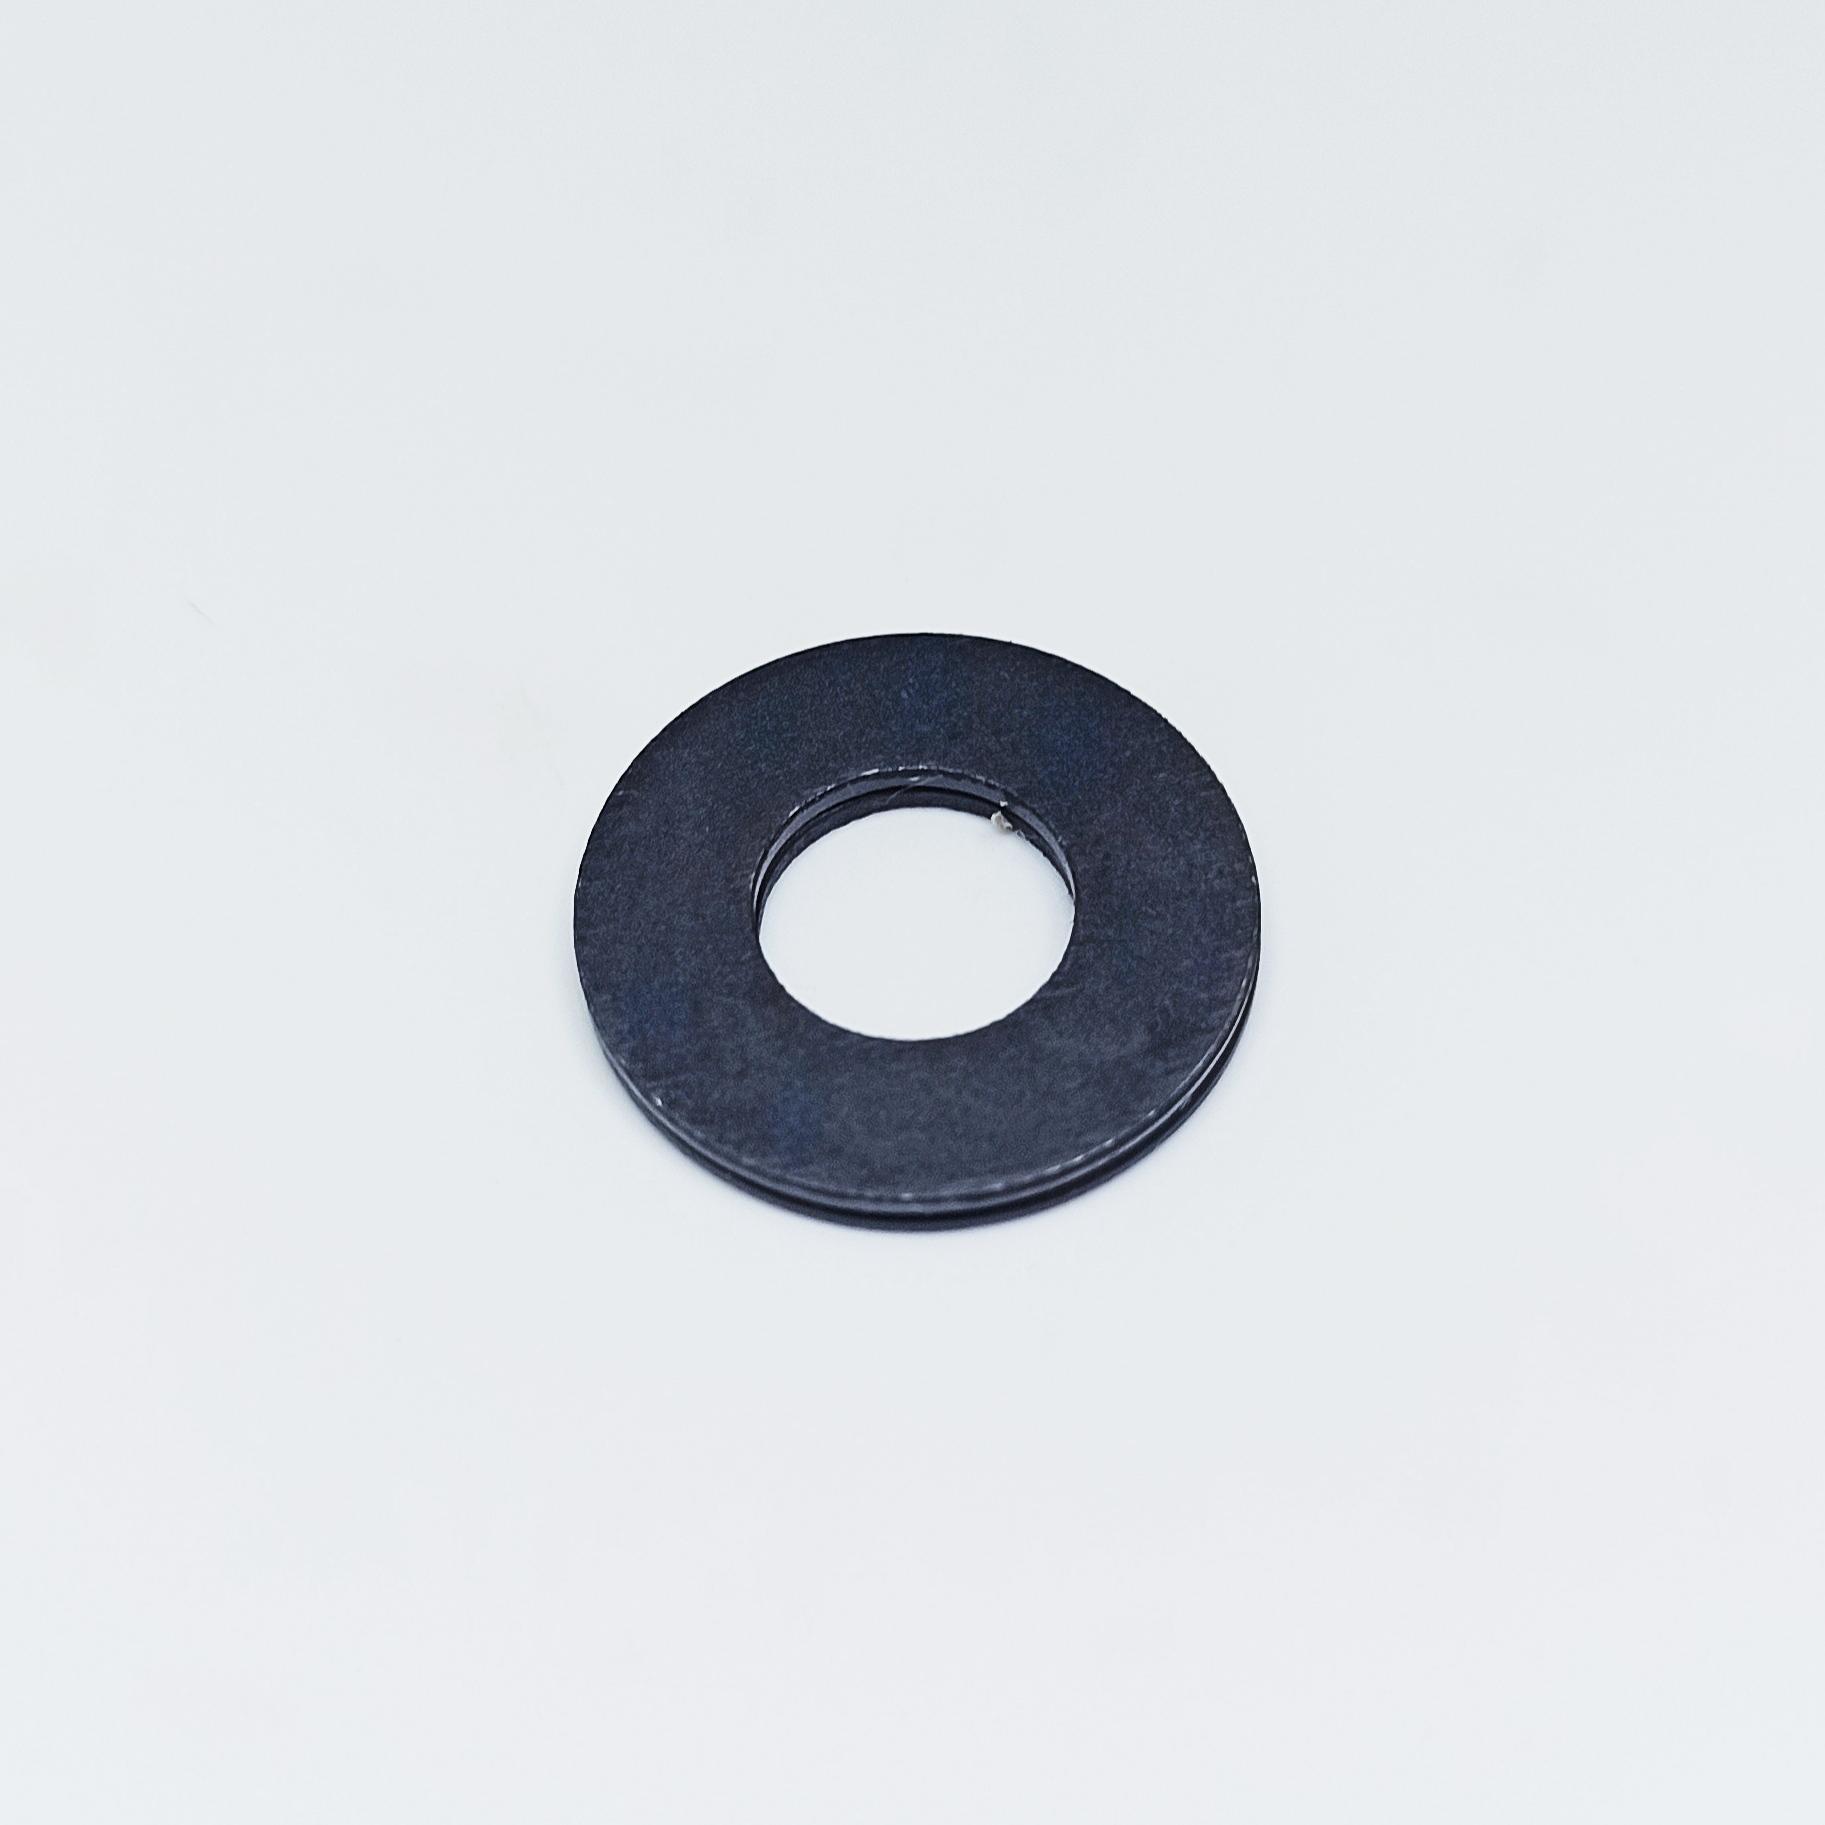 Long đền phẳng 5x10x0.5 (đen)